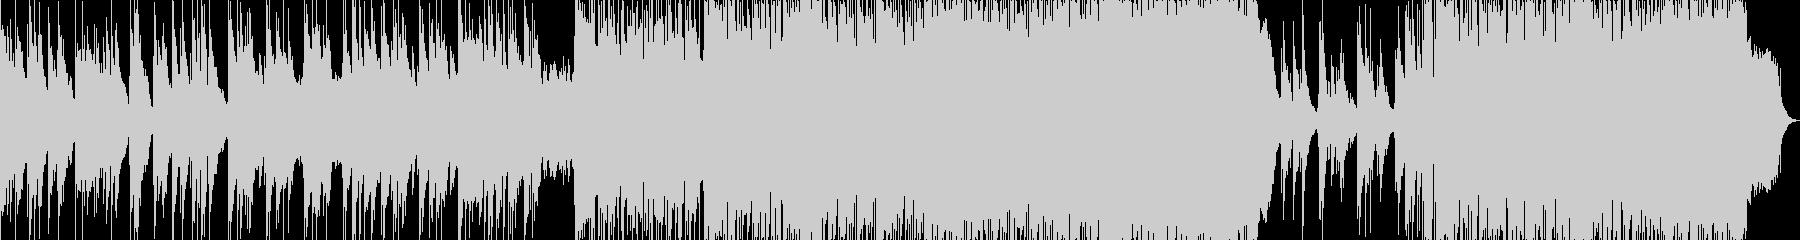 しっとりとしたアコギバラード 生演奏の未再生の波形